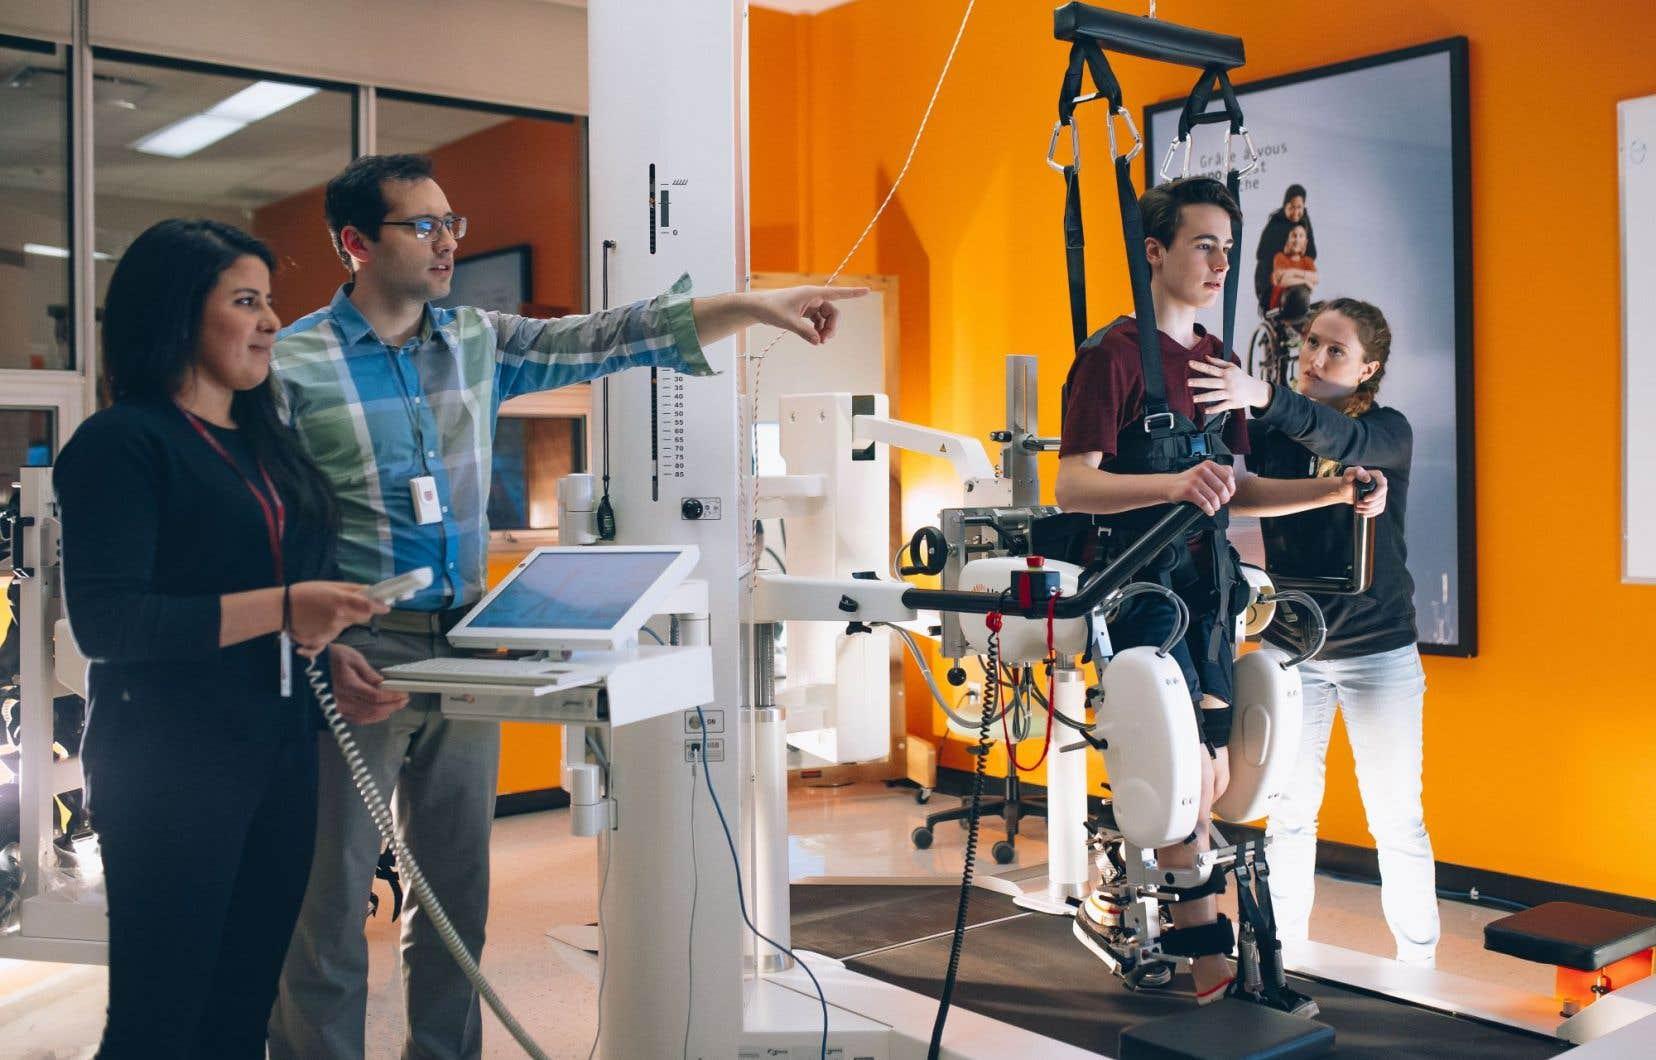 Le Lokomat, un appareil robotisé de rééducation de la marche destiné aux enfants atteints de troubles moteurs au Centre de réadaptation Marie-Enfant du CHU Sainte-Justine.